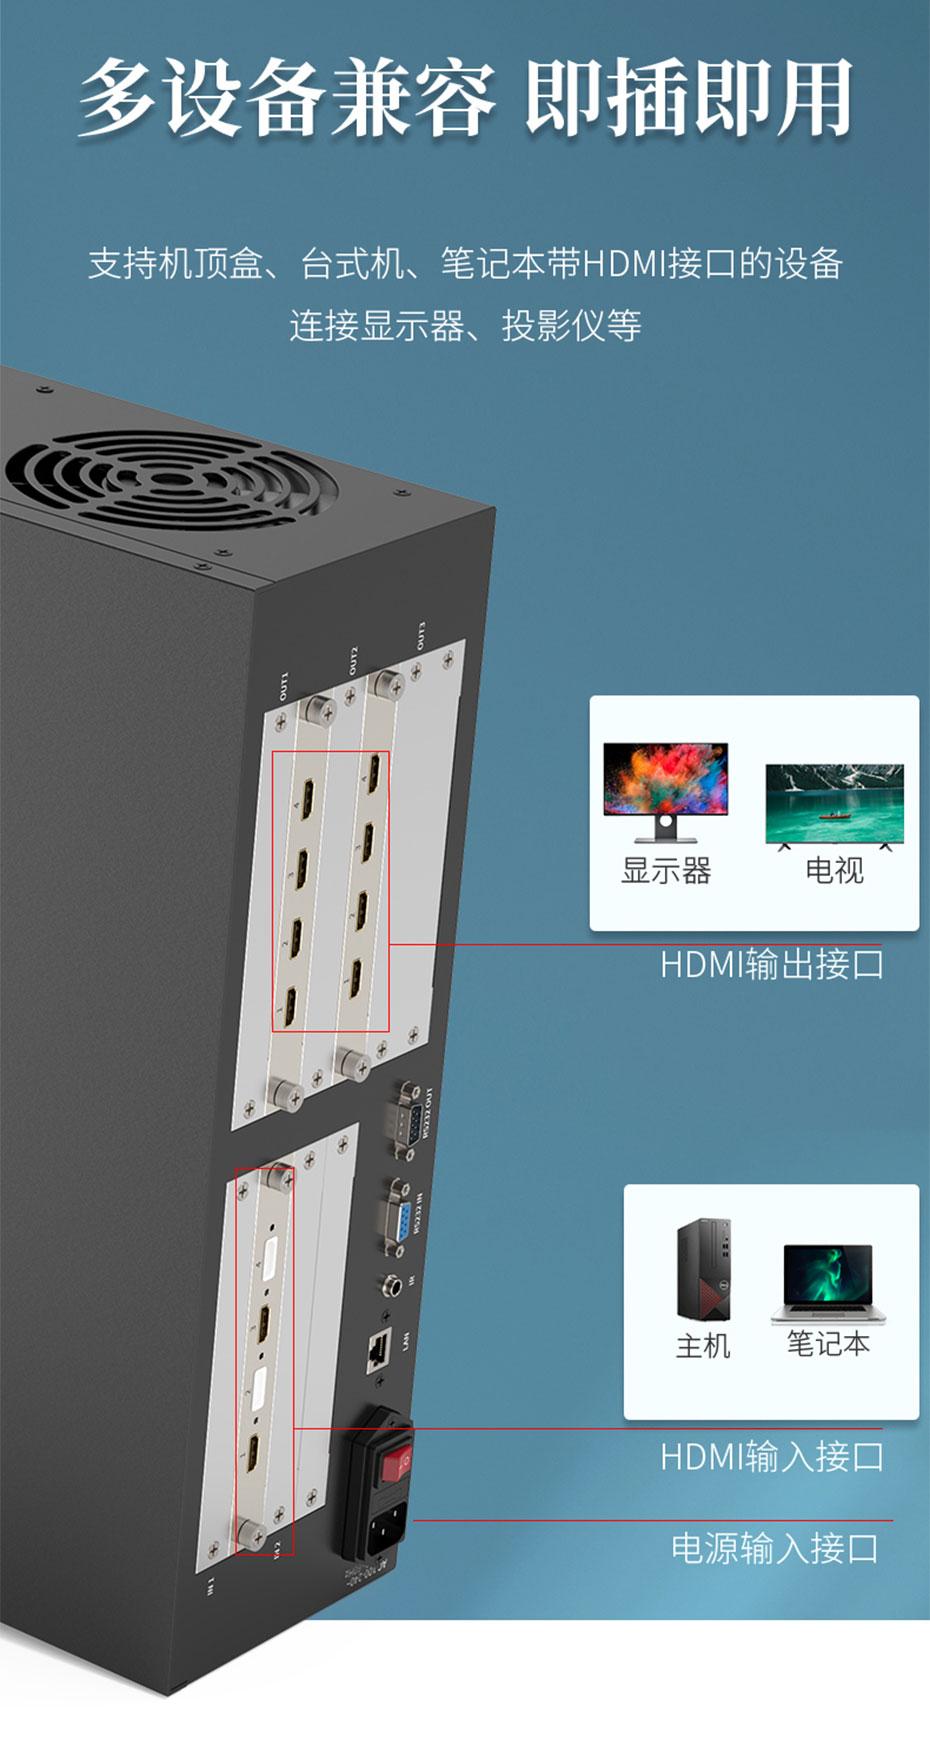 HDMI多屏/多画面拼接处理器HD218兼容多种HDMI接口设备